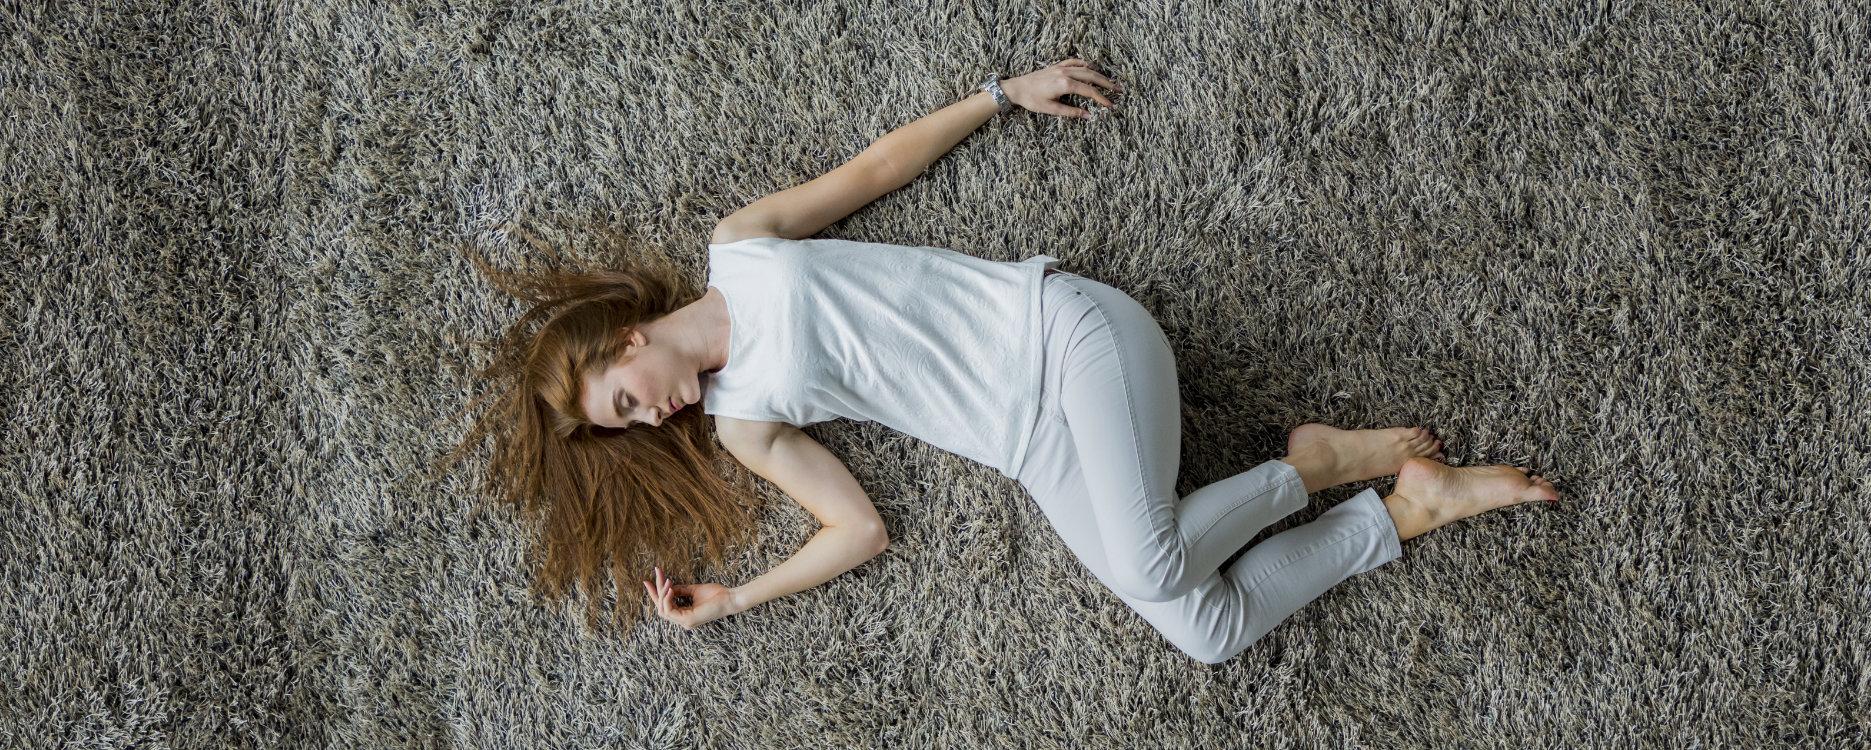 Гиперсомнии. Нарколепсия-катаплексия.Симптомы и лечение.